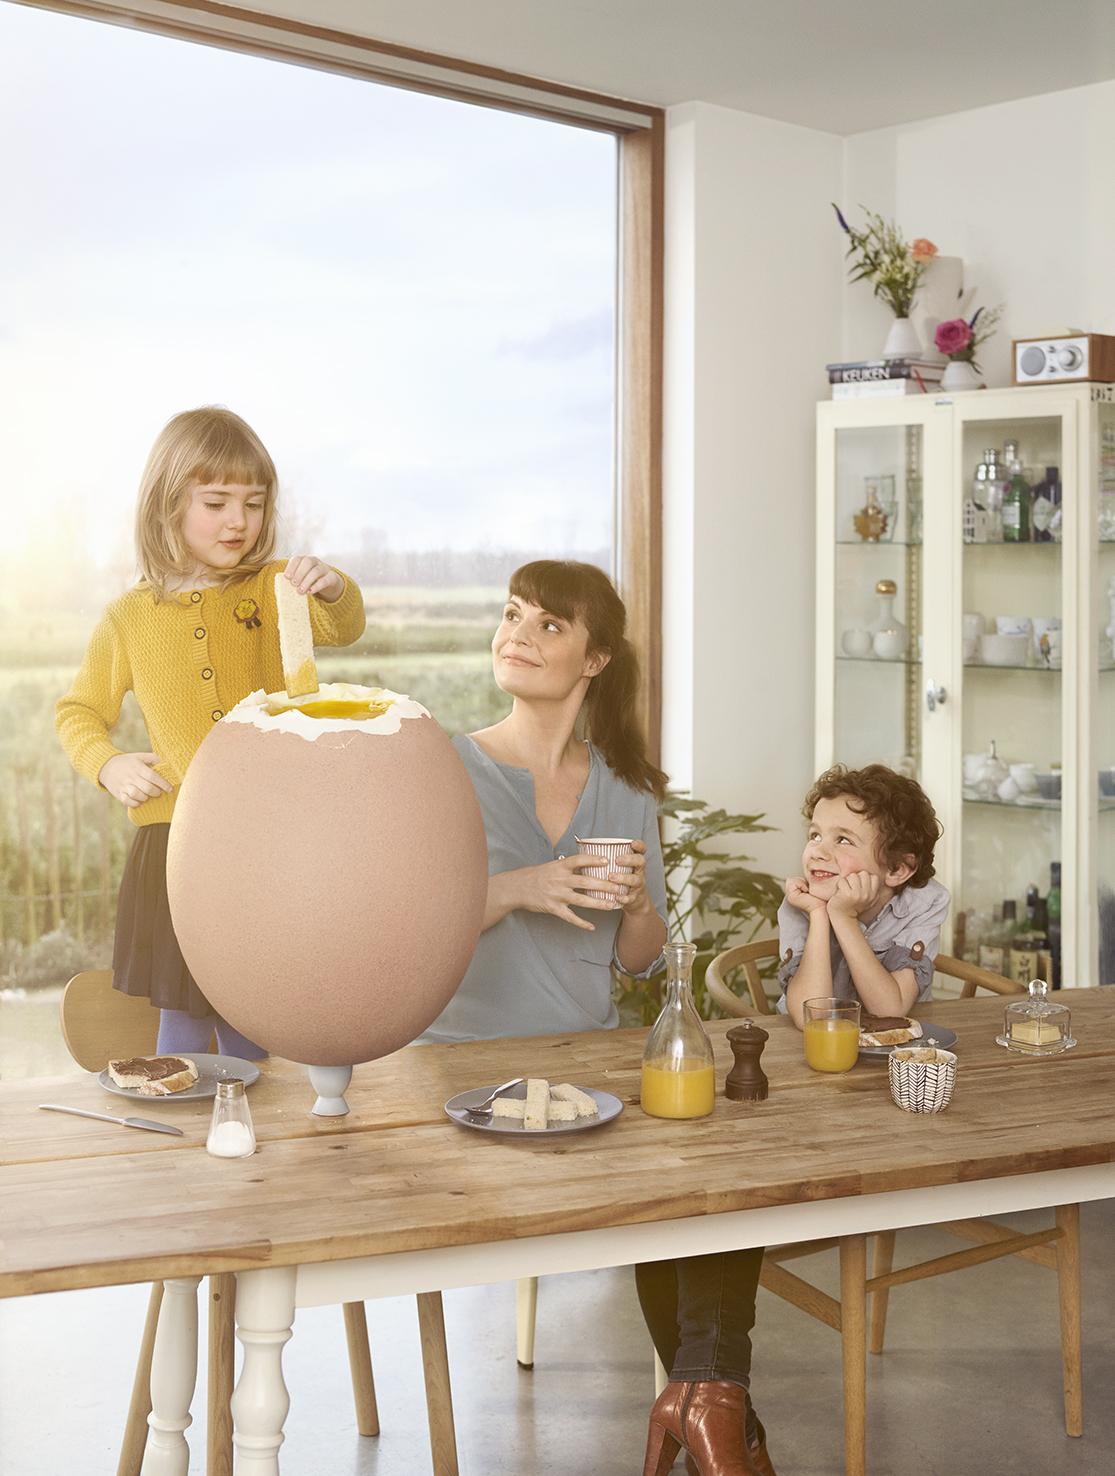 BG_Vlam_Big_egg_fin.jpg